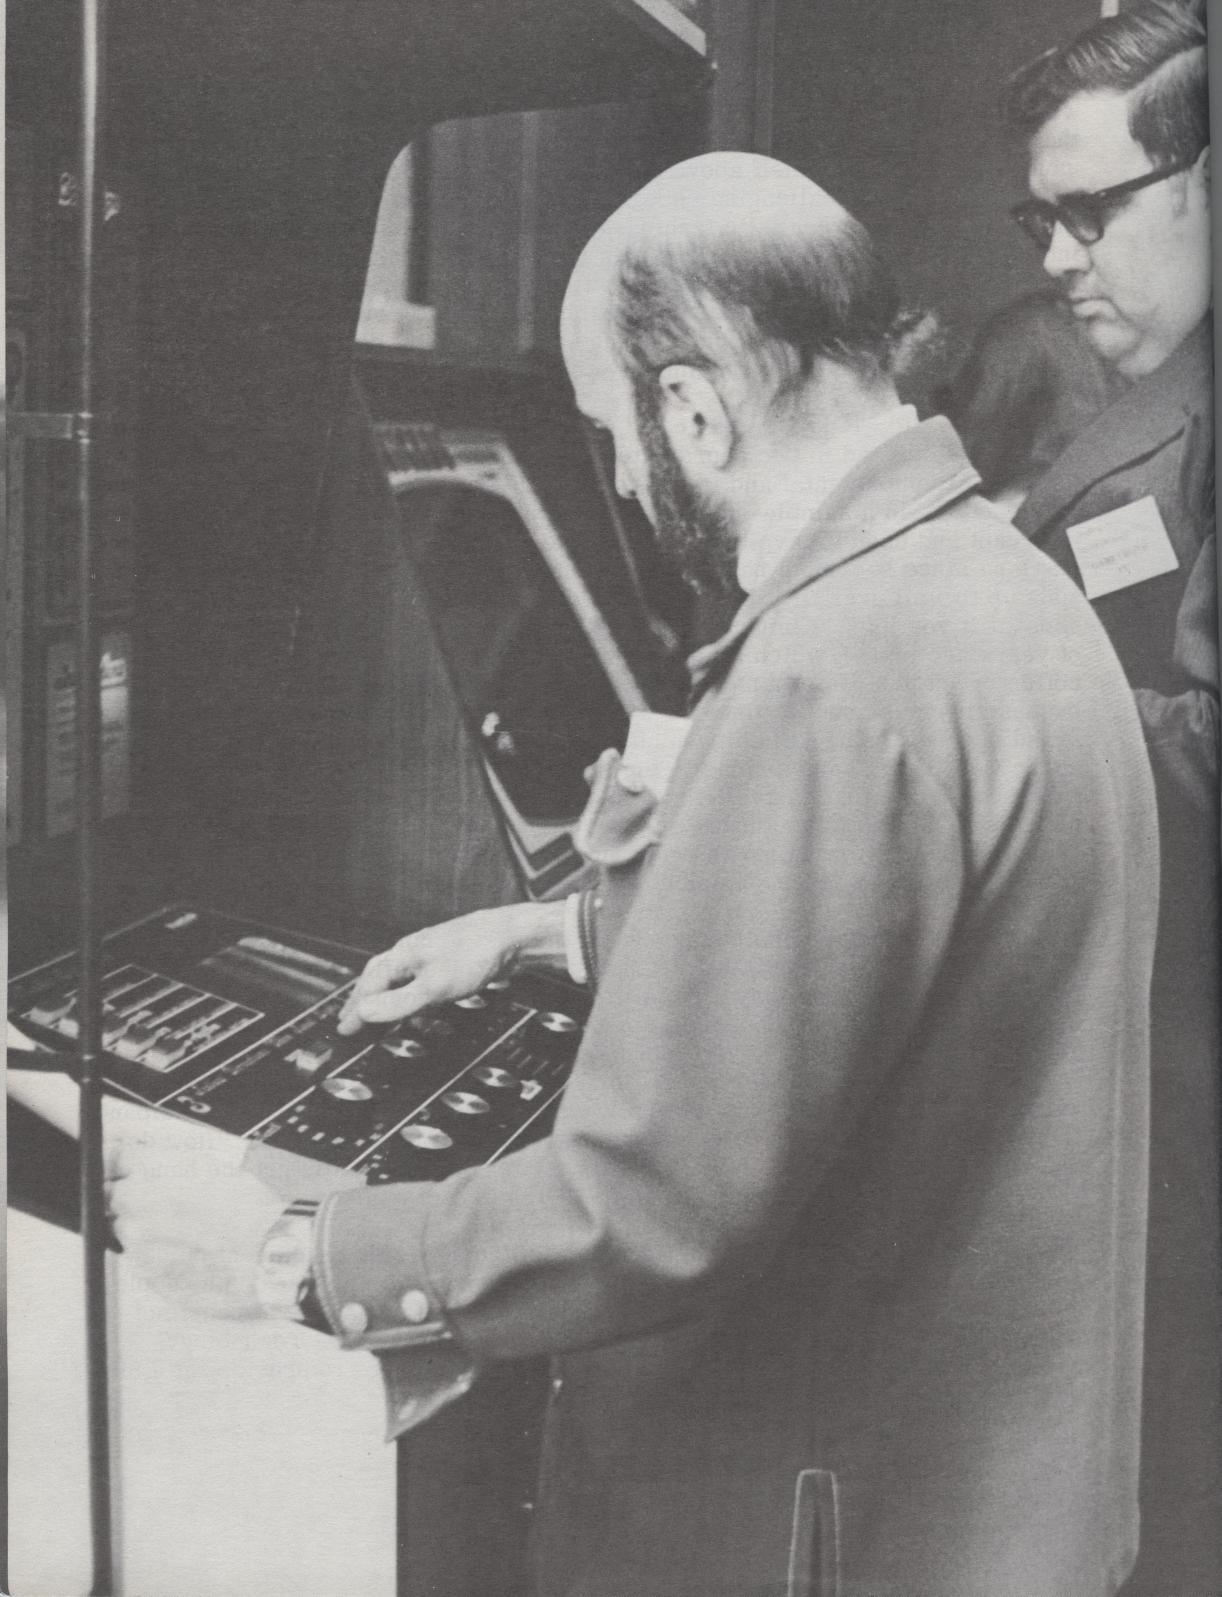 История первых микропроцессорных видеоигр - 24